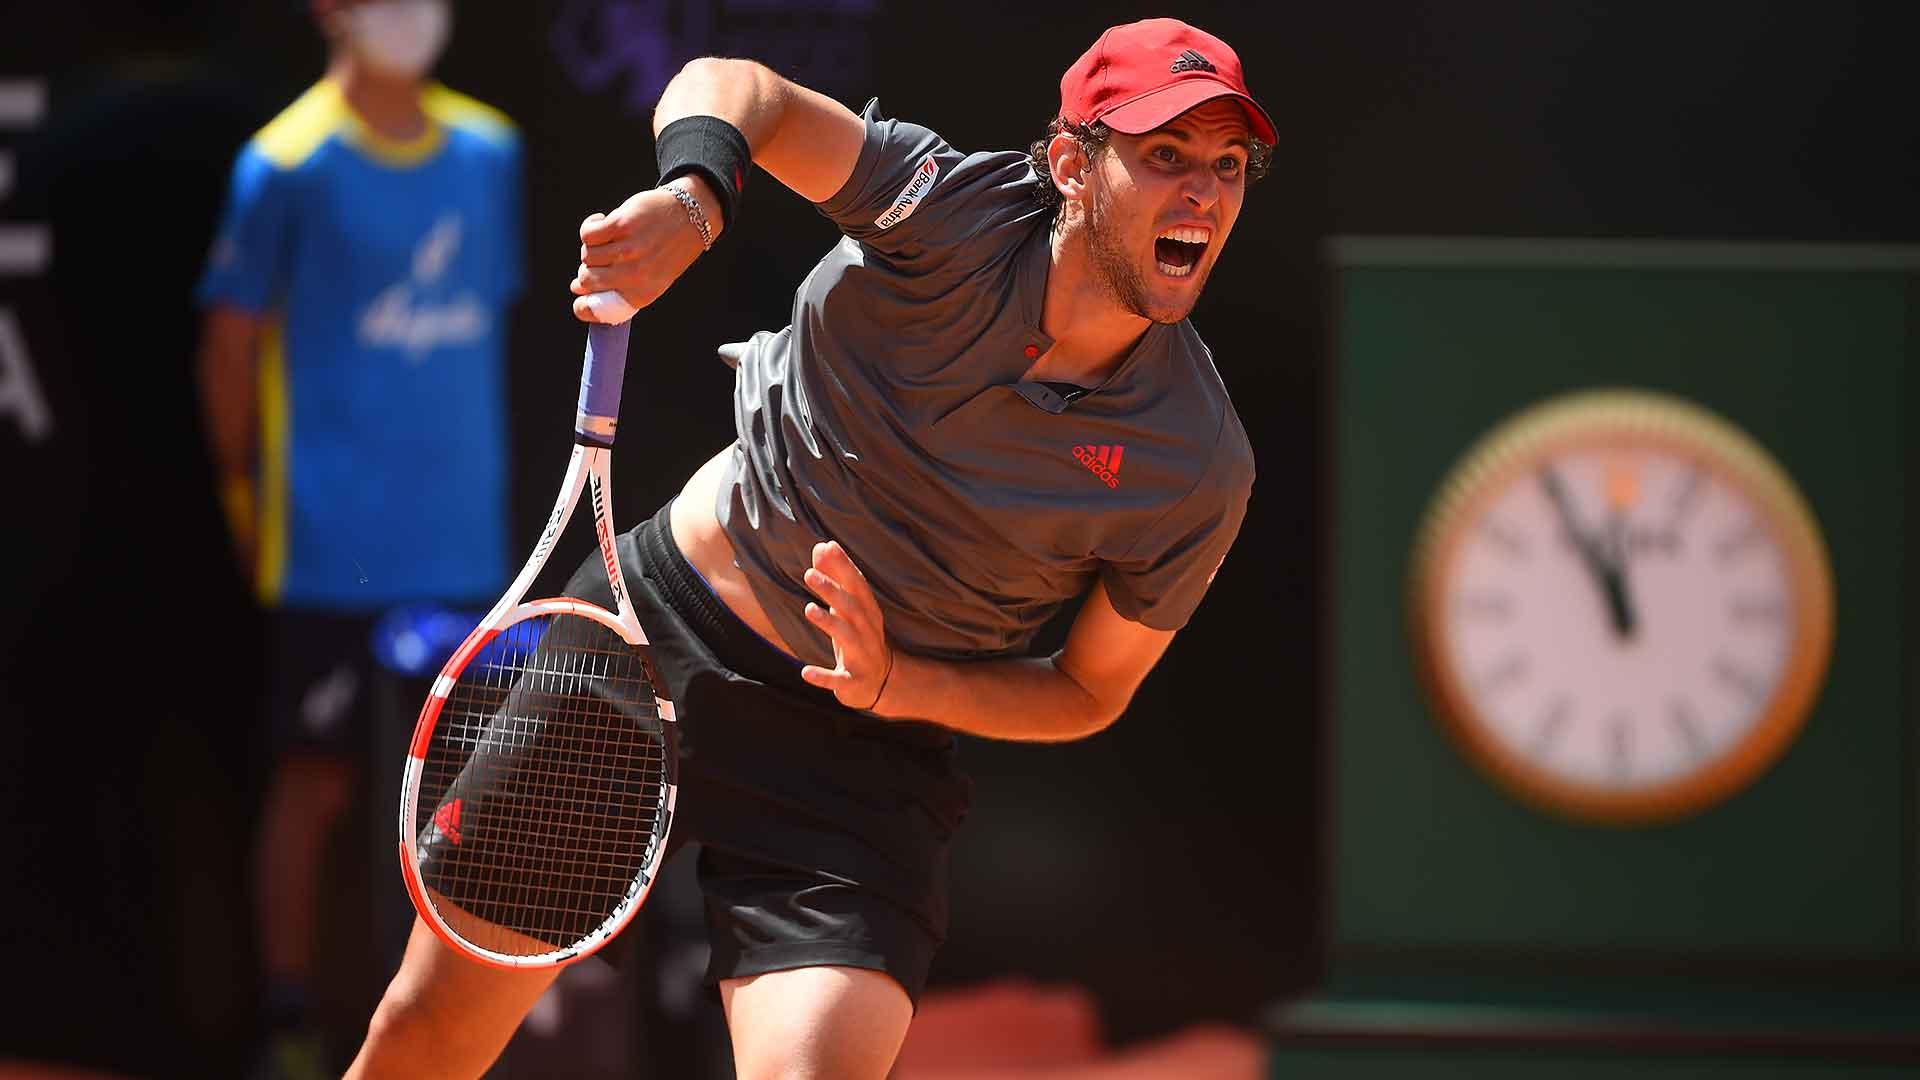 Rome Open 2021: Dominic Thiem vs. Lorenzo Sonego Tennis Pick and Prediction